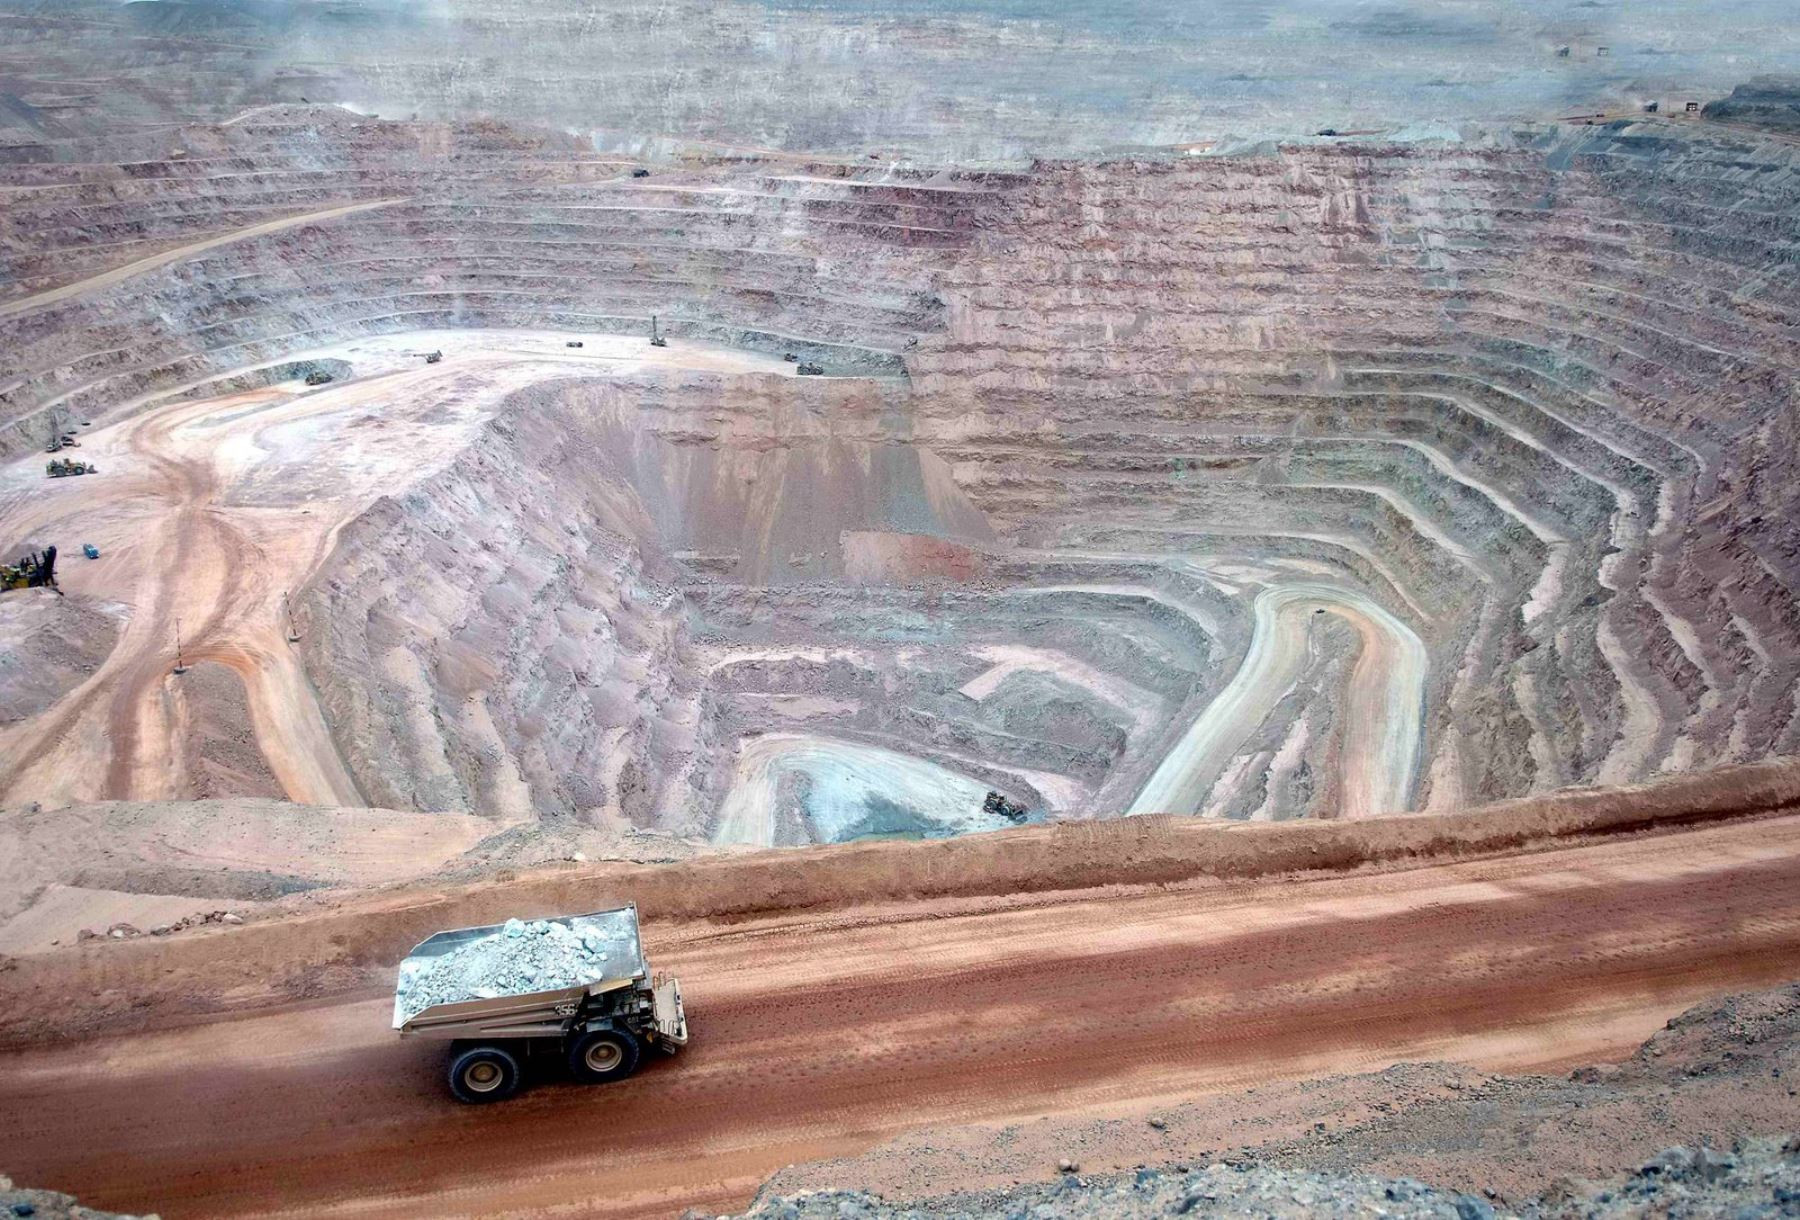 minem-comites-de-gestion-tambien-deberan-impulsar-espacios-sobre-actividades-minero-energetico